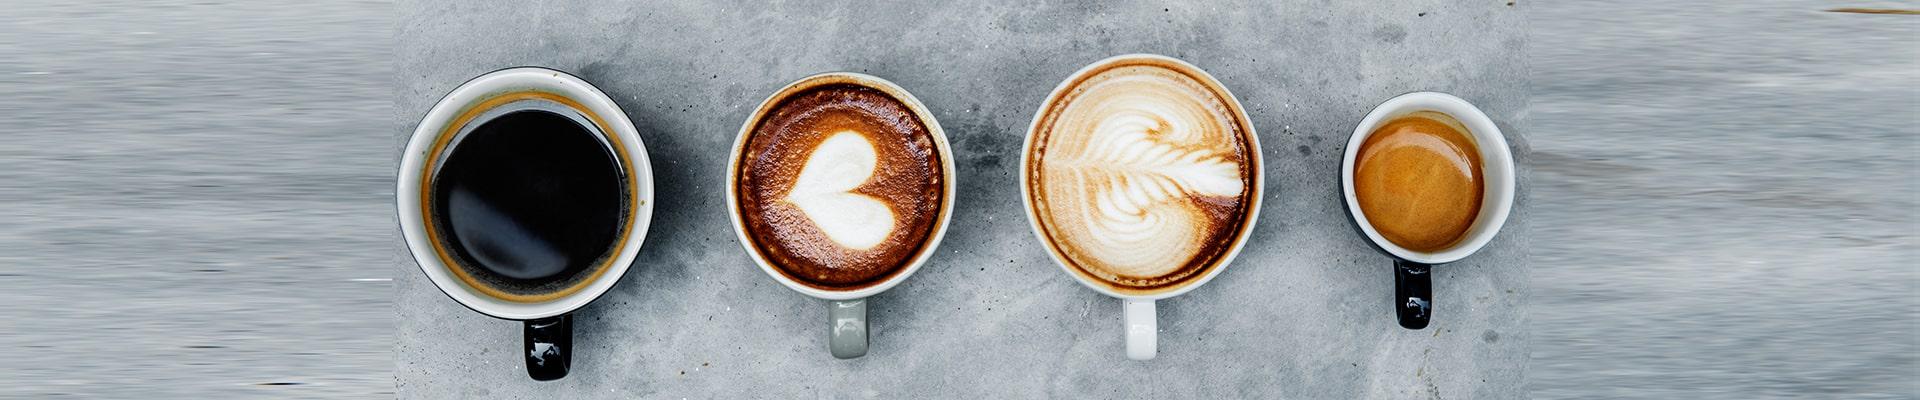 Curso de Qualificação Técnica em Café